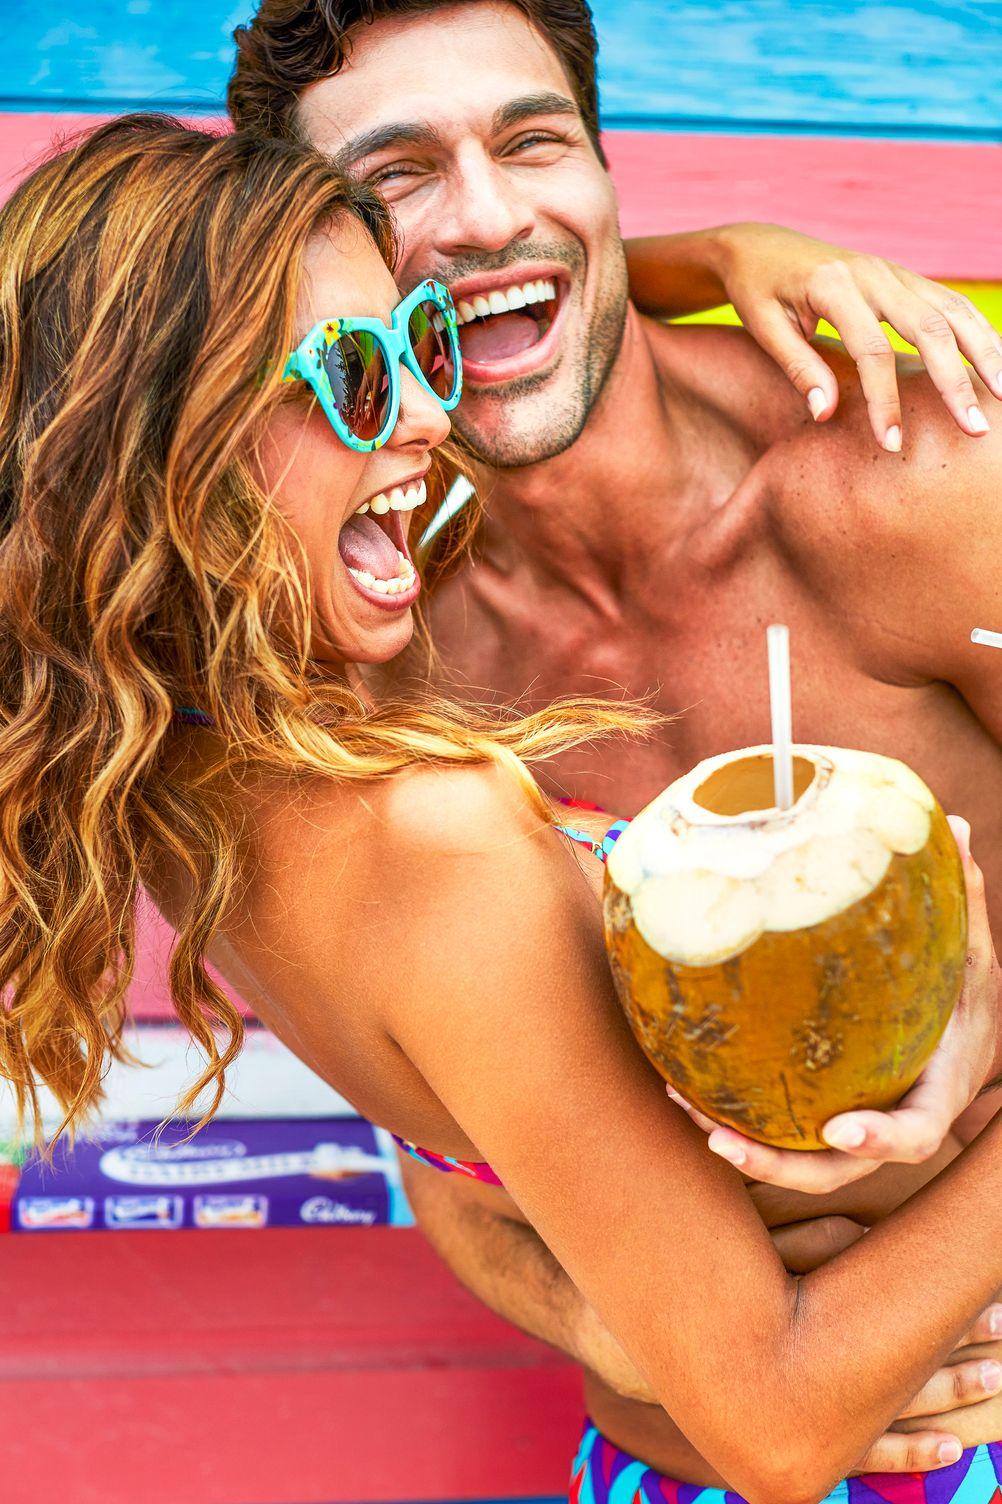 Man hält Frau in einem Arm, im anderen eine Kokosnuss mit Strohhalm. Sie lachen. Im Hintergrund ist ein buntes Hus